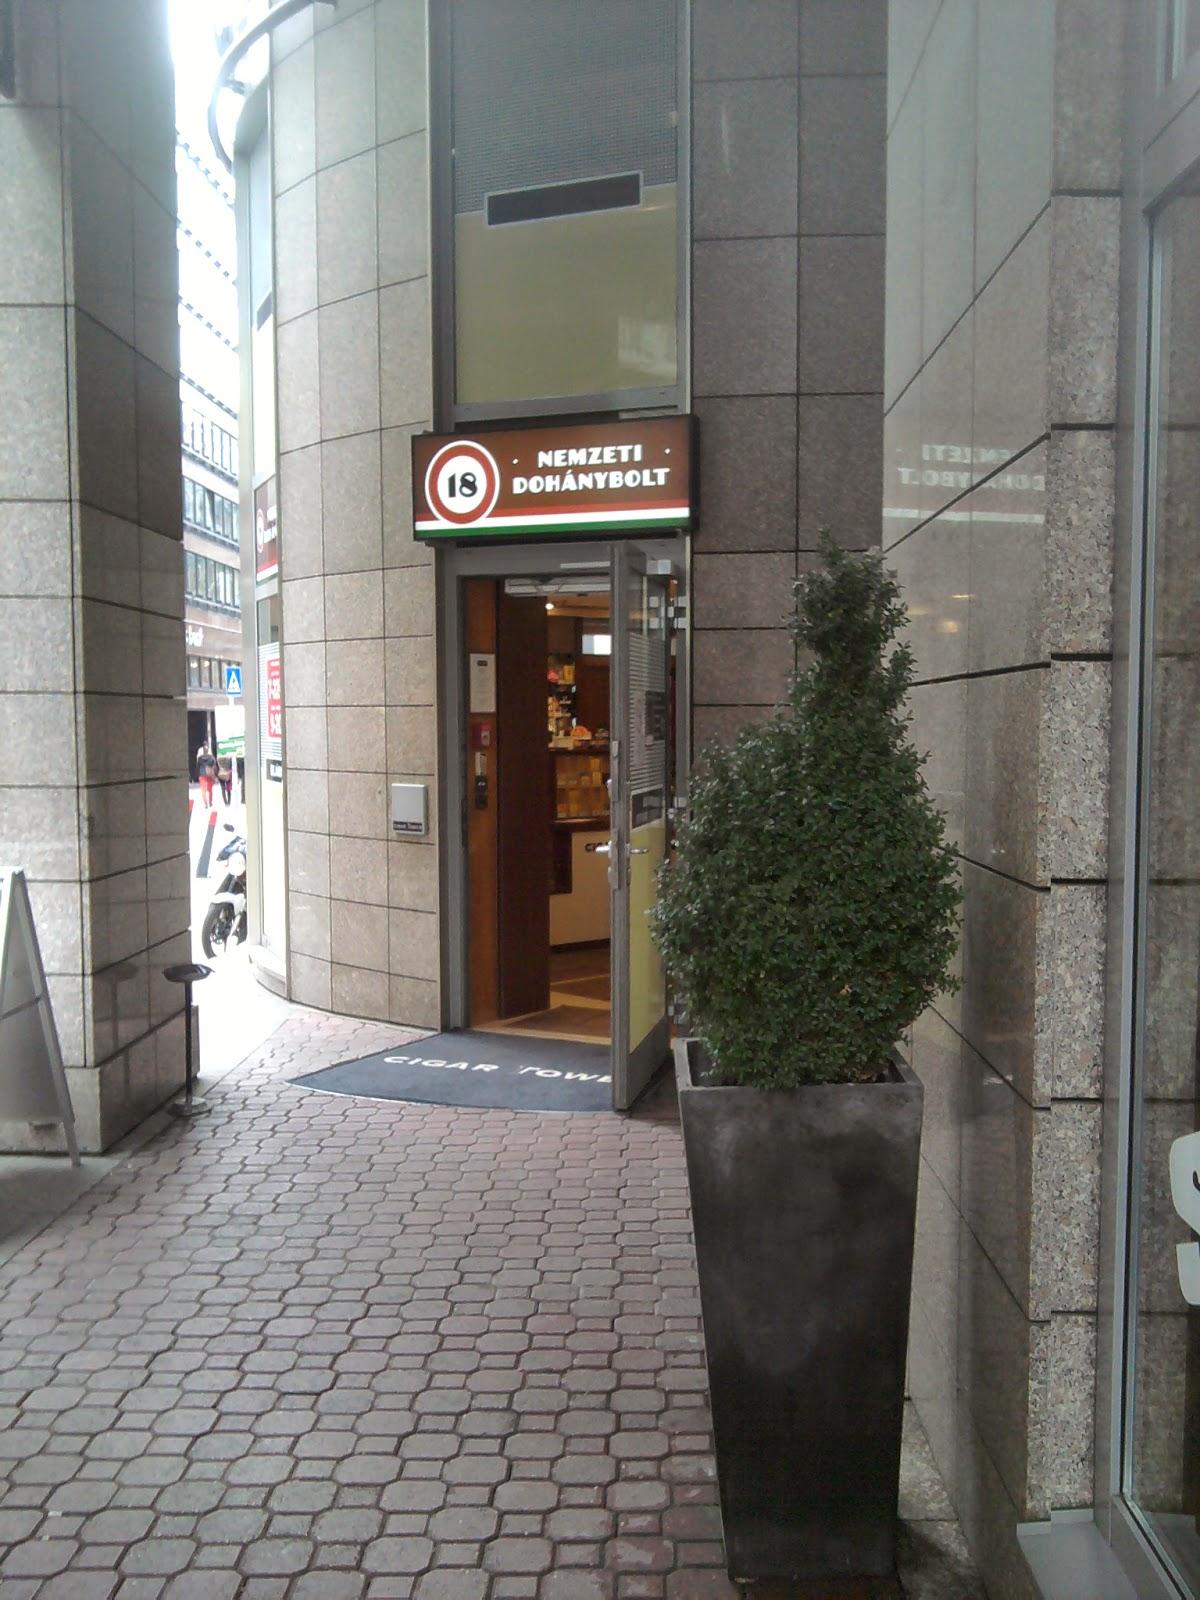 Rogán Antal, Csetényi Csaba, Cigar Tower, Kempinski, Bécsi utca, Nemzeti Dohánybolt,  Krskó Tibor